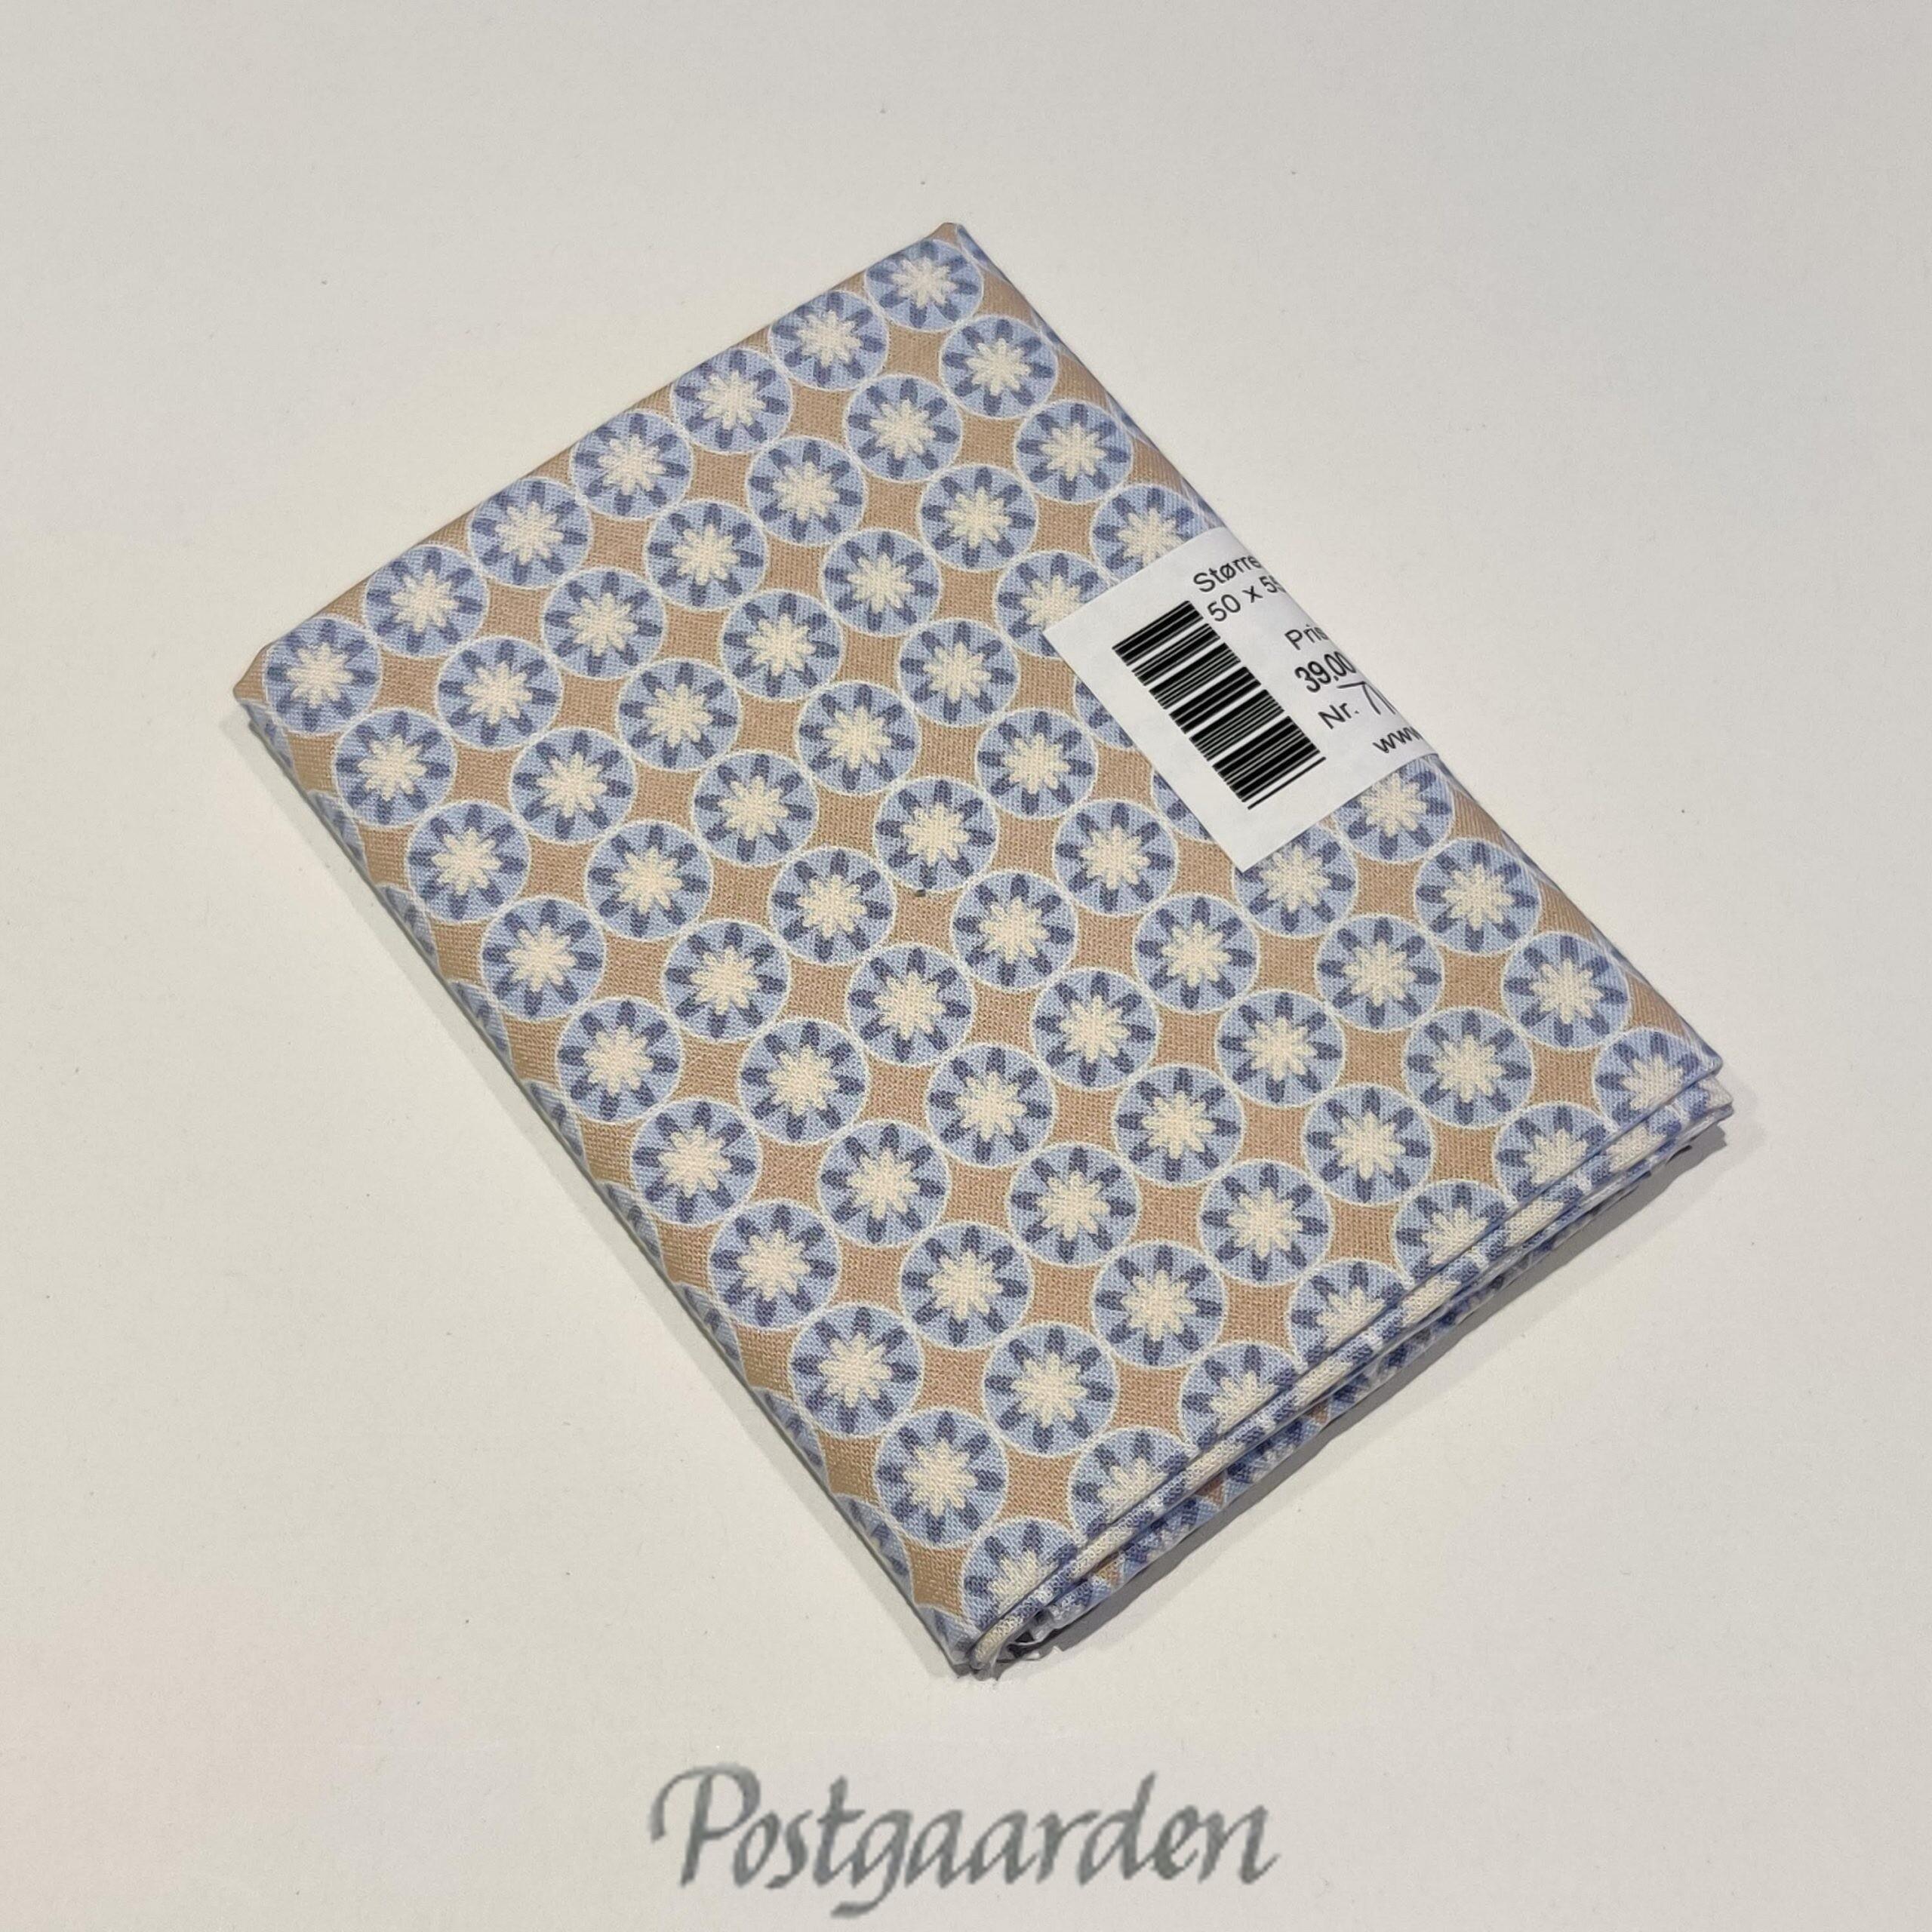 FQ7101 Beige Blå blomster patchwork stof fat quarter